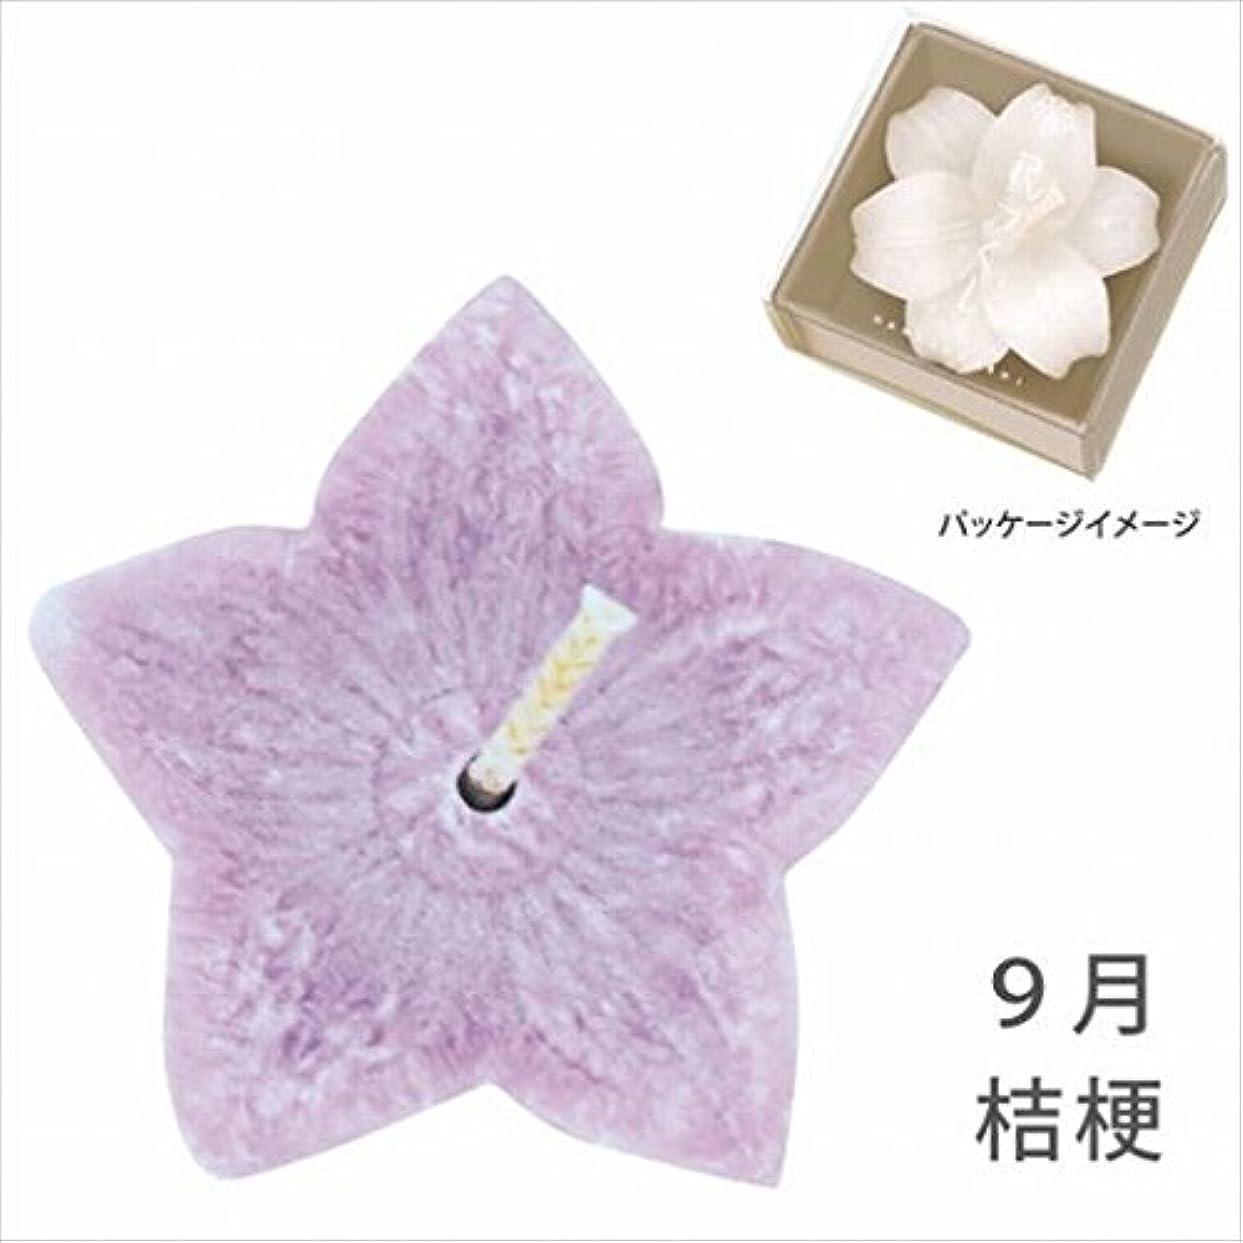 三角ブラウザ気分カメヤマキャンドル( kameyama candle ) 花づくし(植物性) 桔梗 「 桔梗(9月) 」 キャンドル